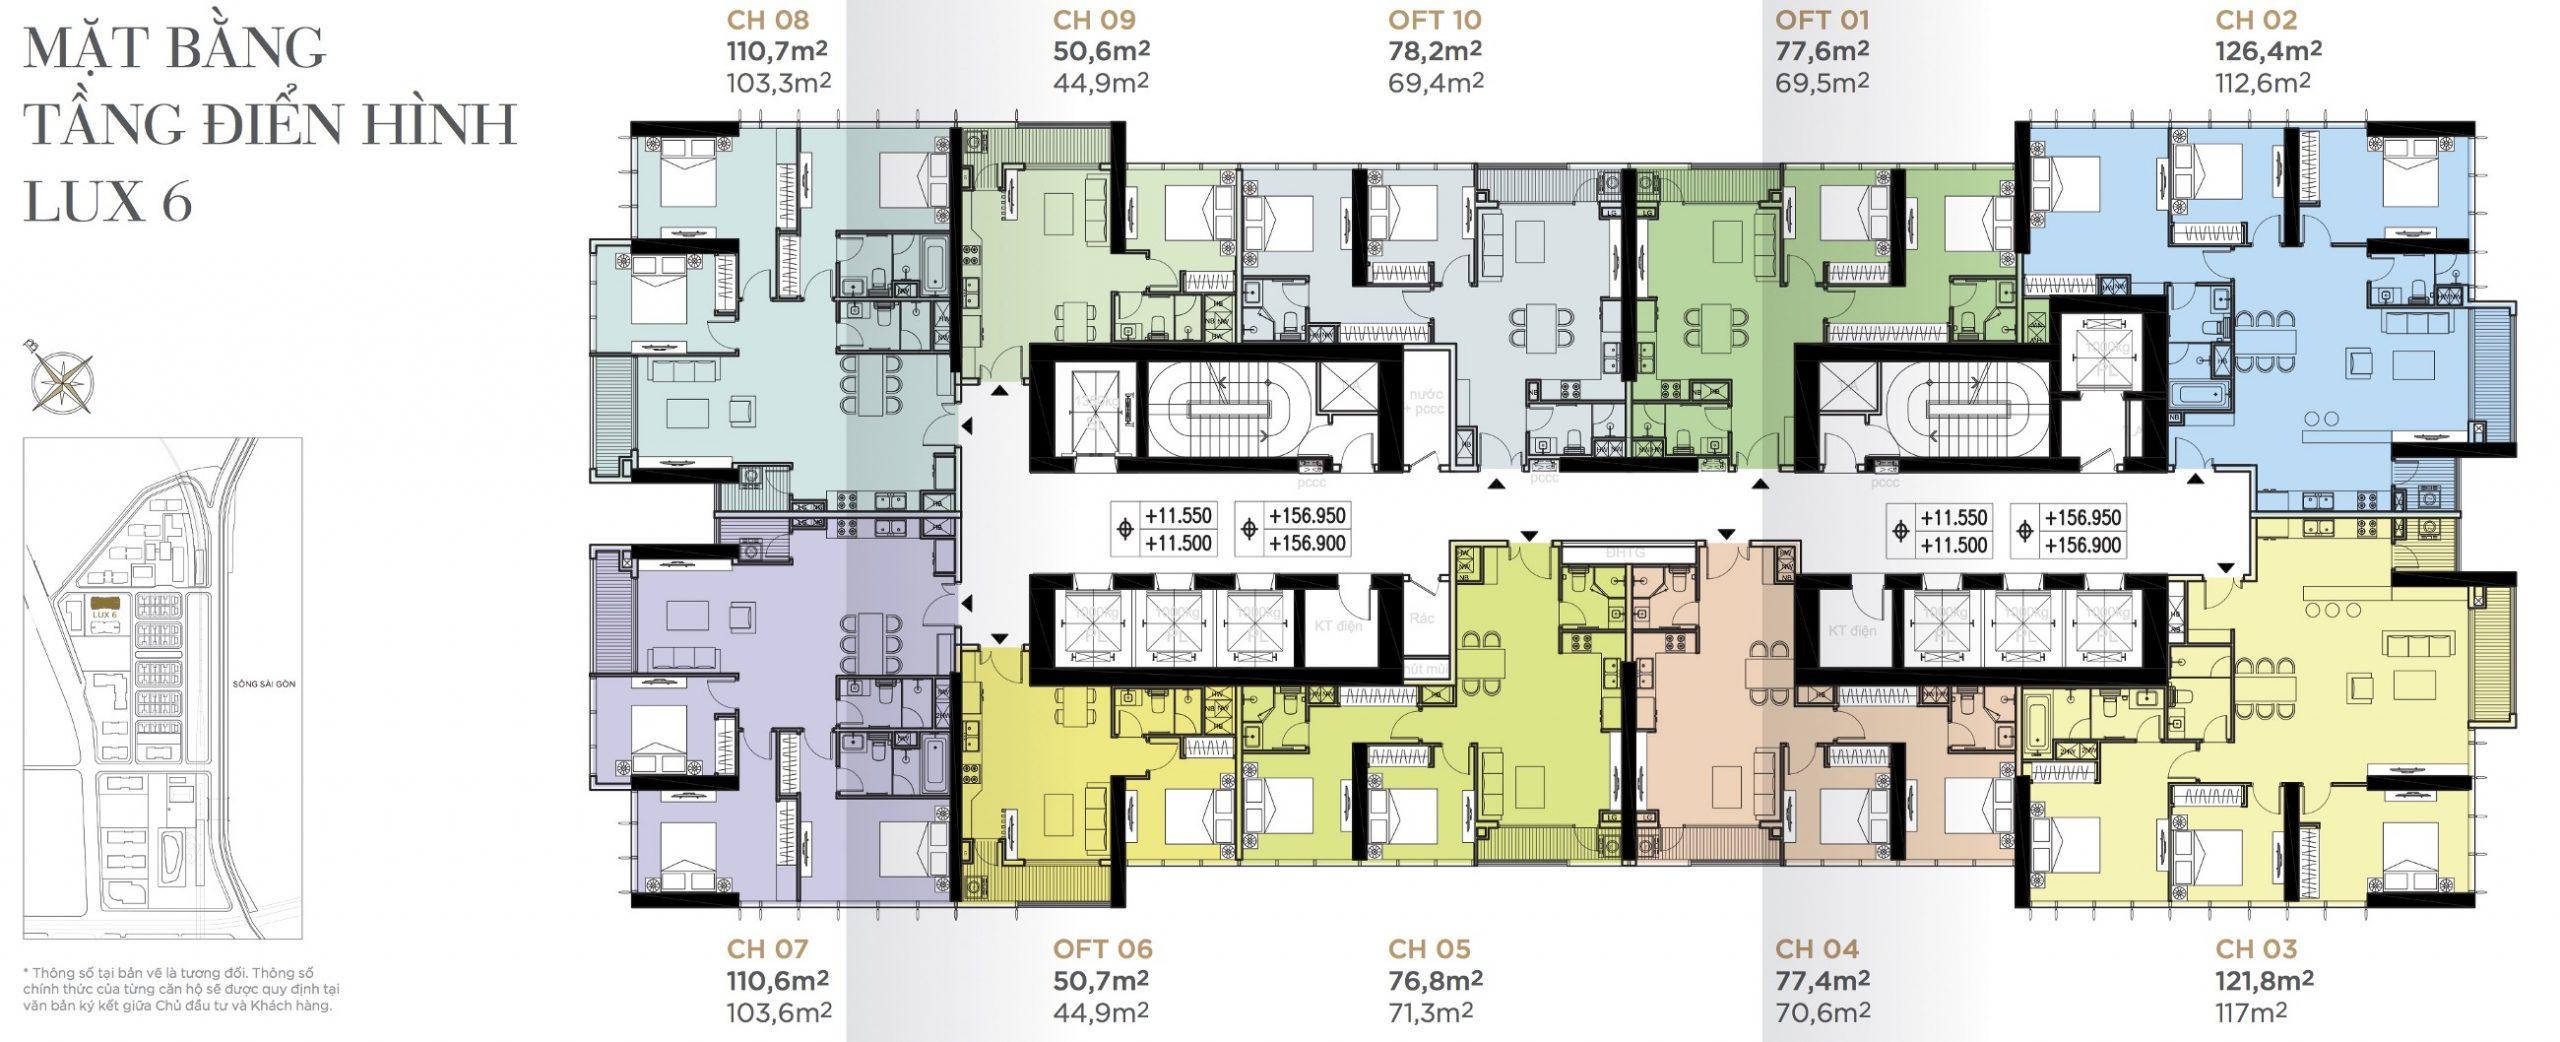 Layout Mặt Bằng Tầng Điển Hình - Tòa Luxury 6 - Vinhomes Golden River